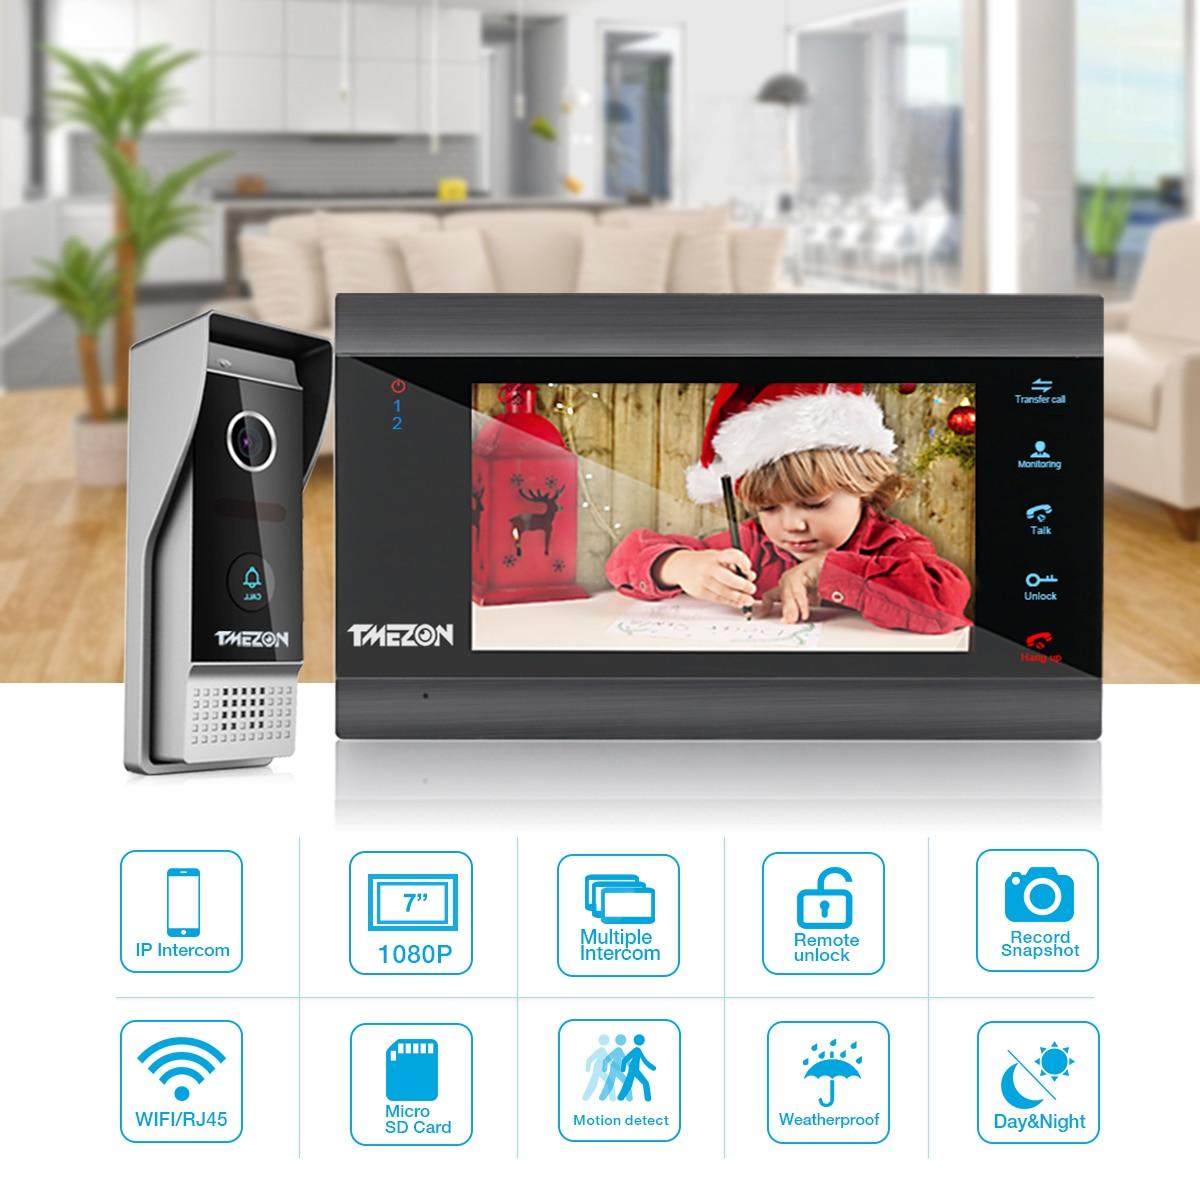 TMEZON Tuya App Home Intercom System Wireless WiFi Smart IP Video Doorbell 1080P 7 Inch with 1x1080P Wired Doorbell enlarge